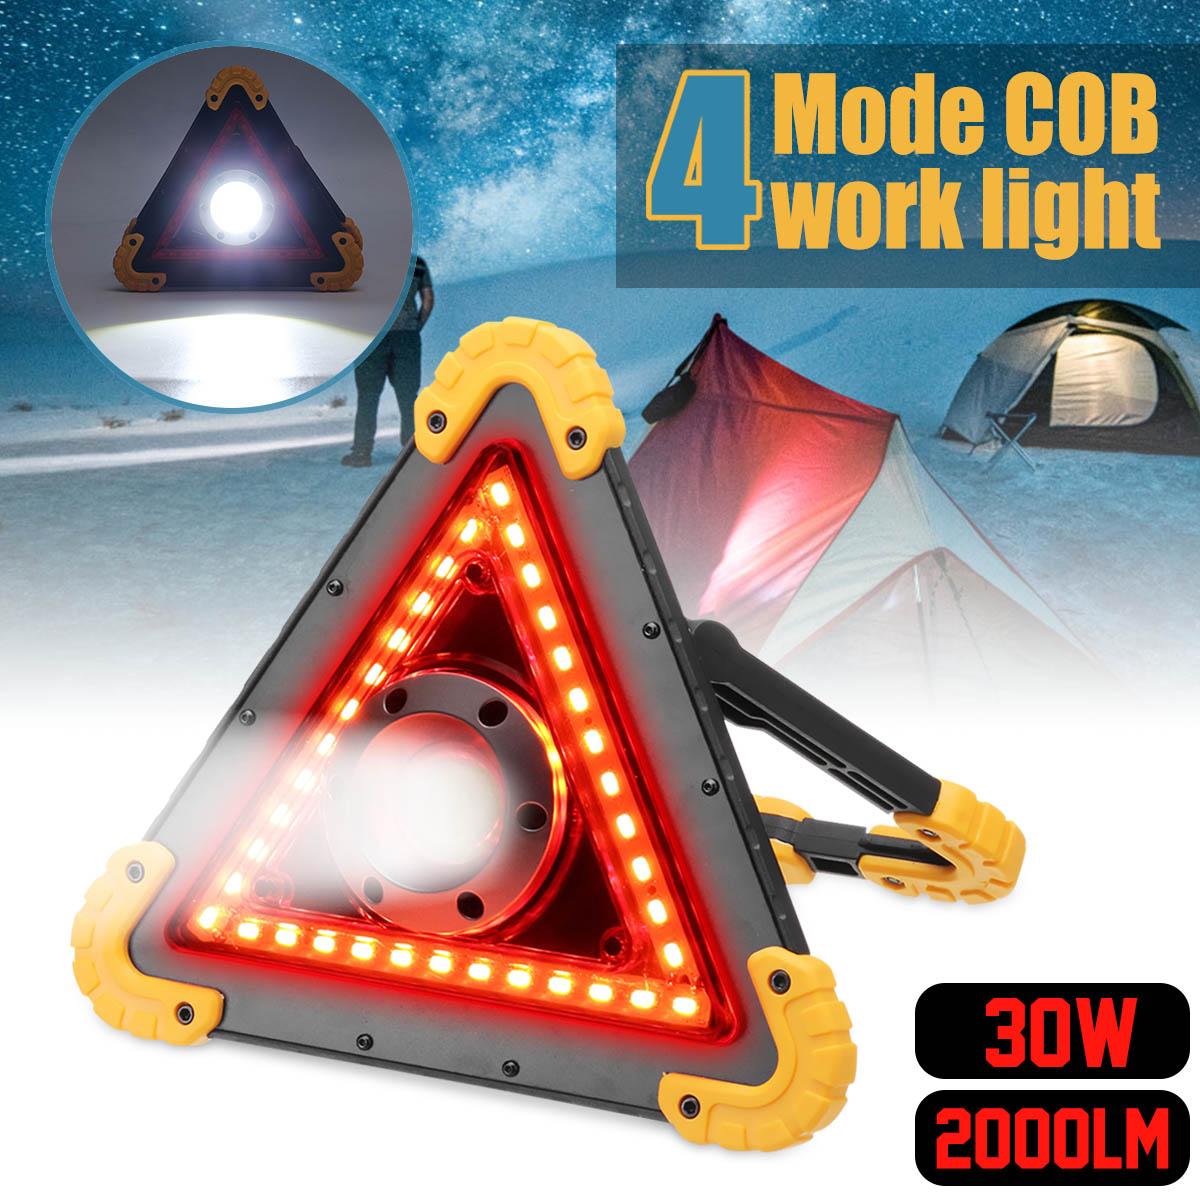 Projecteur portatif mené a mené la lumière extérieure Rechargeable de batterie de la lumière 18650 de travail pour le Camping de chasse a mené la lampe-torche latérale